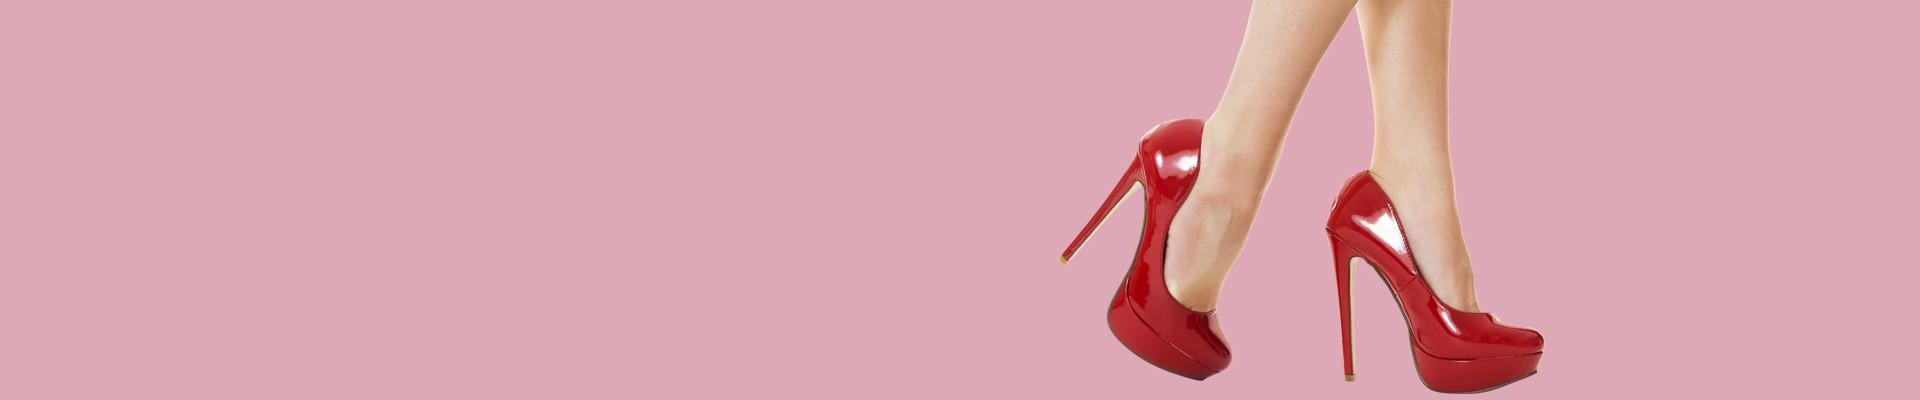 Jual Sepatu Wanita Model Terbaru - Harga Terbaik